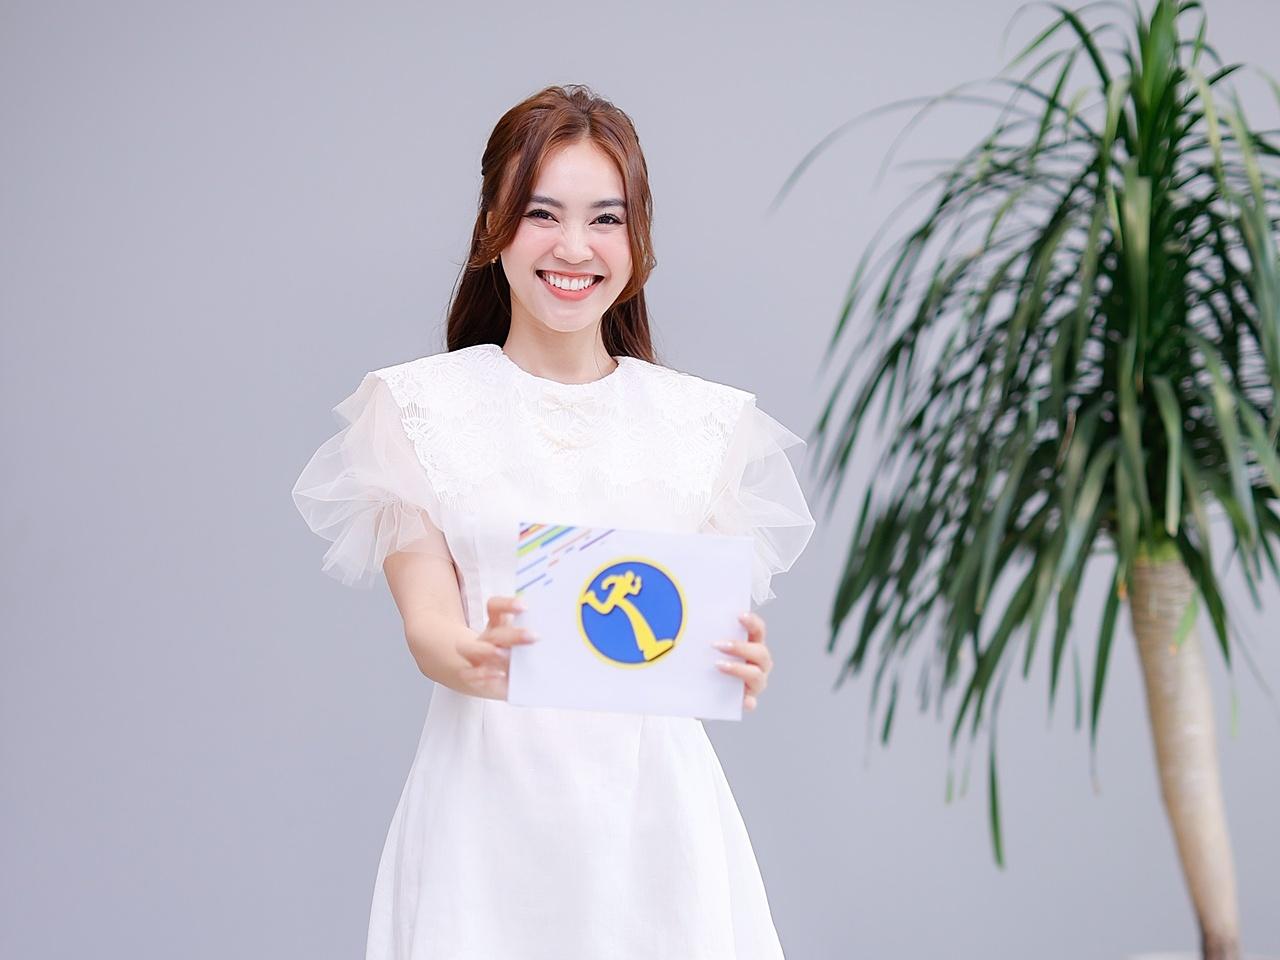 Trường Giang, Lan Ngọc tham gia Running man mùa 2 - 5